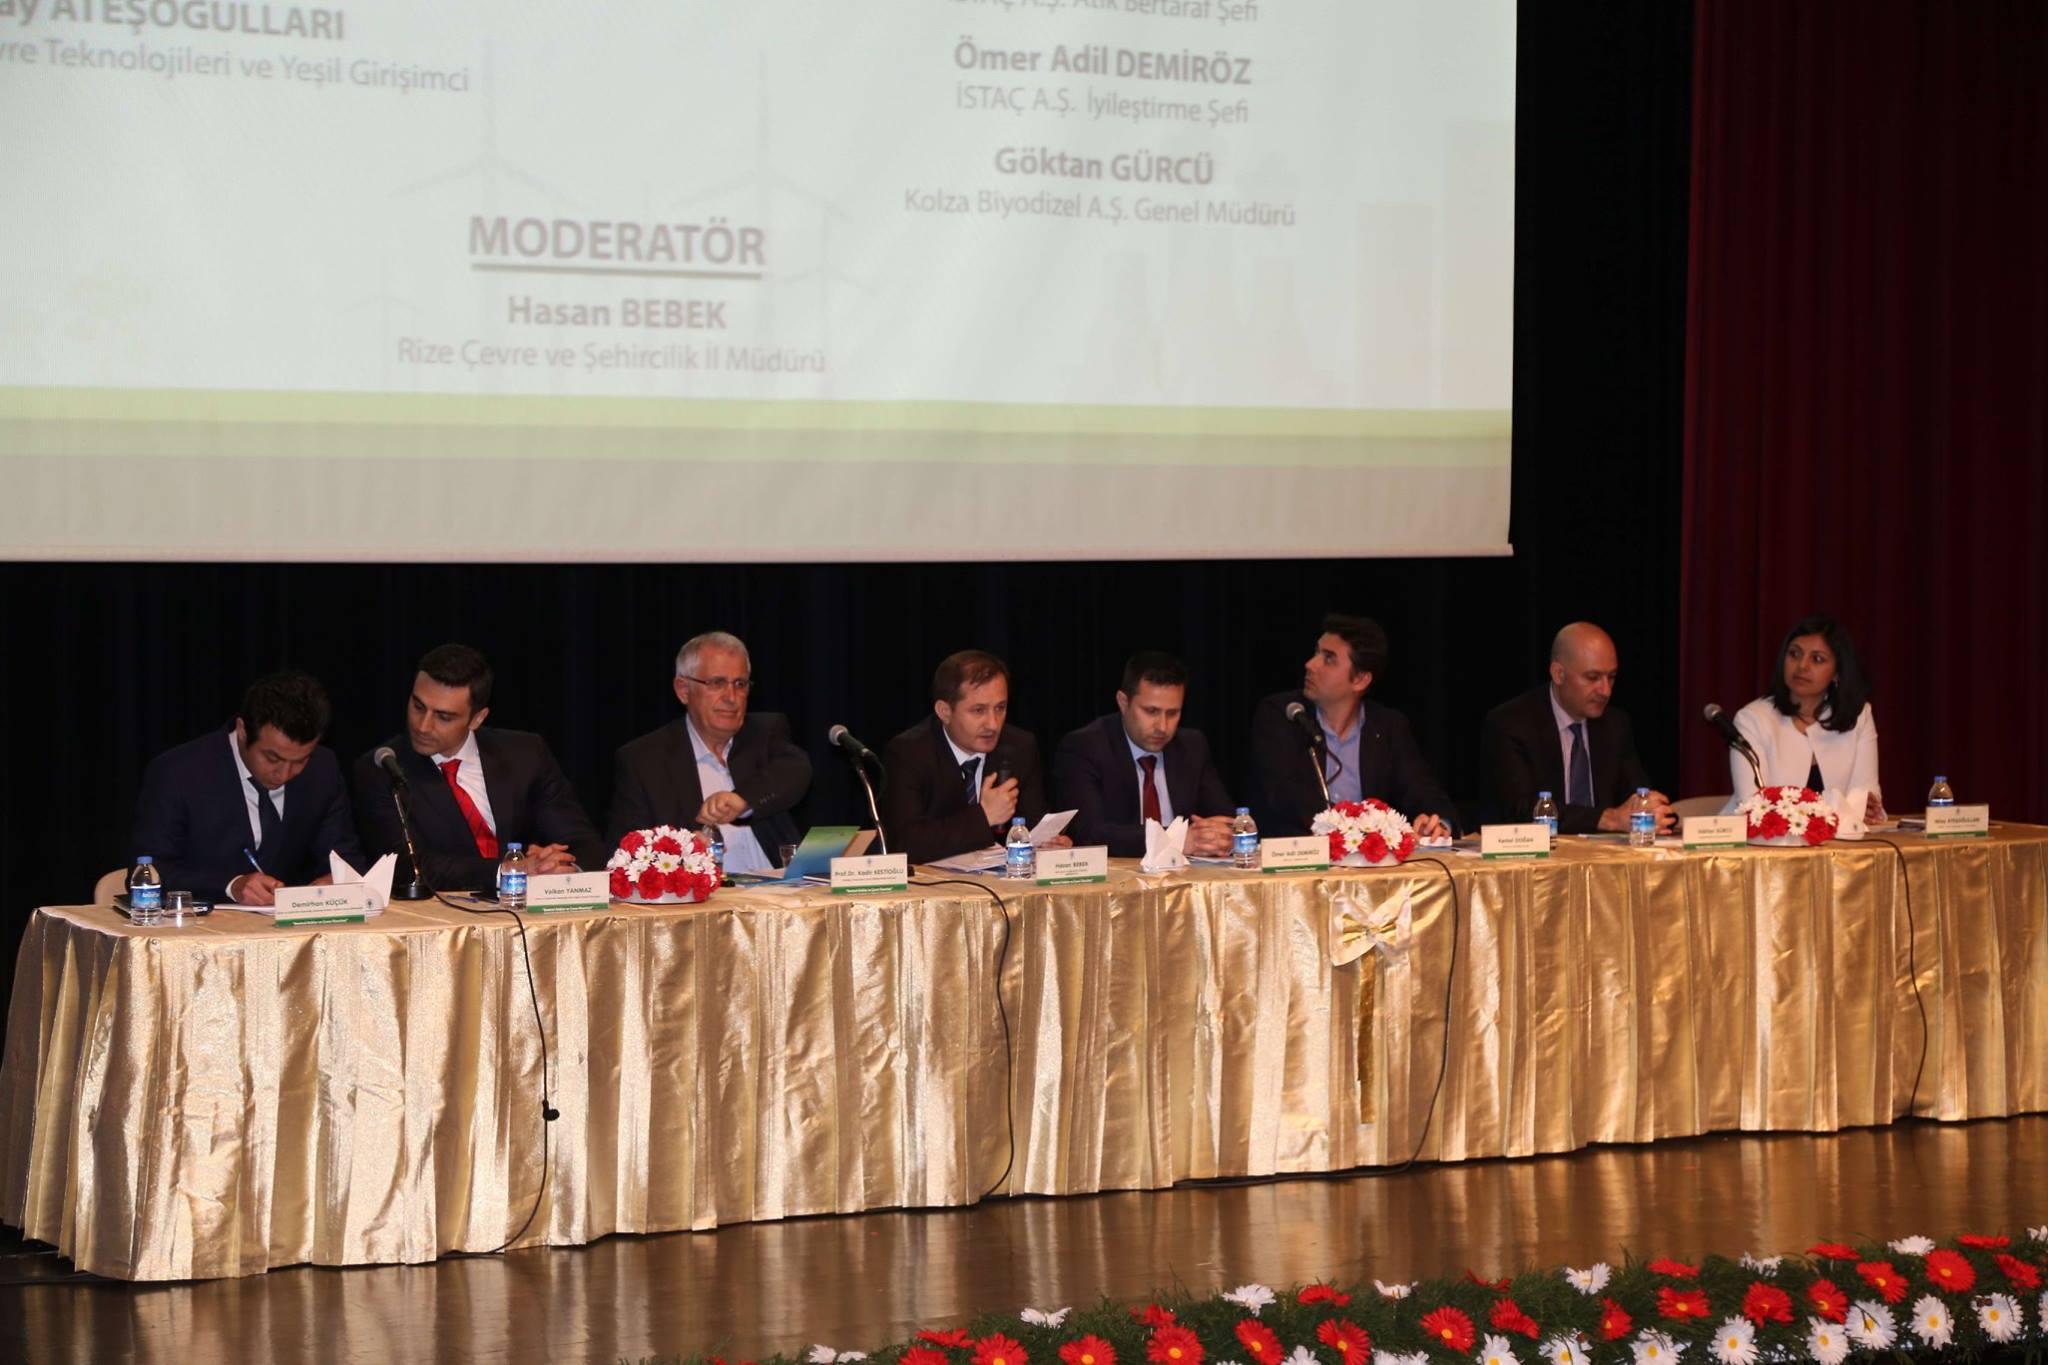 Rize Belediyesi'nden Kentsel Atıklar ve Çevre Yönetimi Konferansı